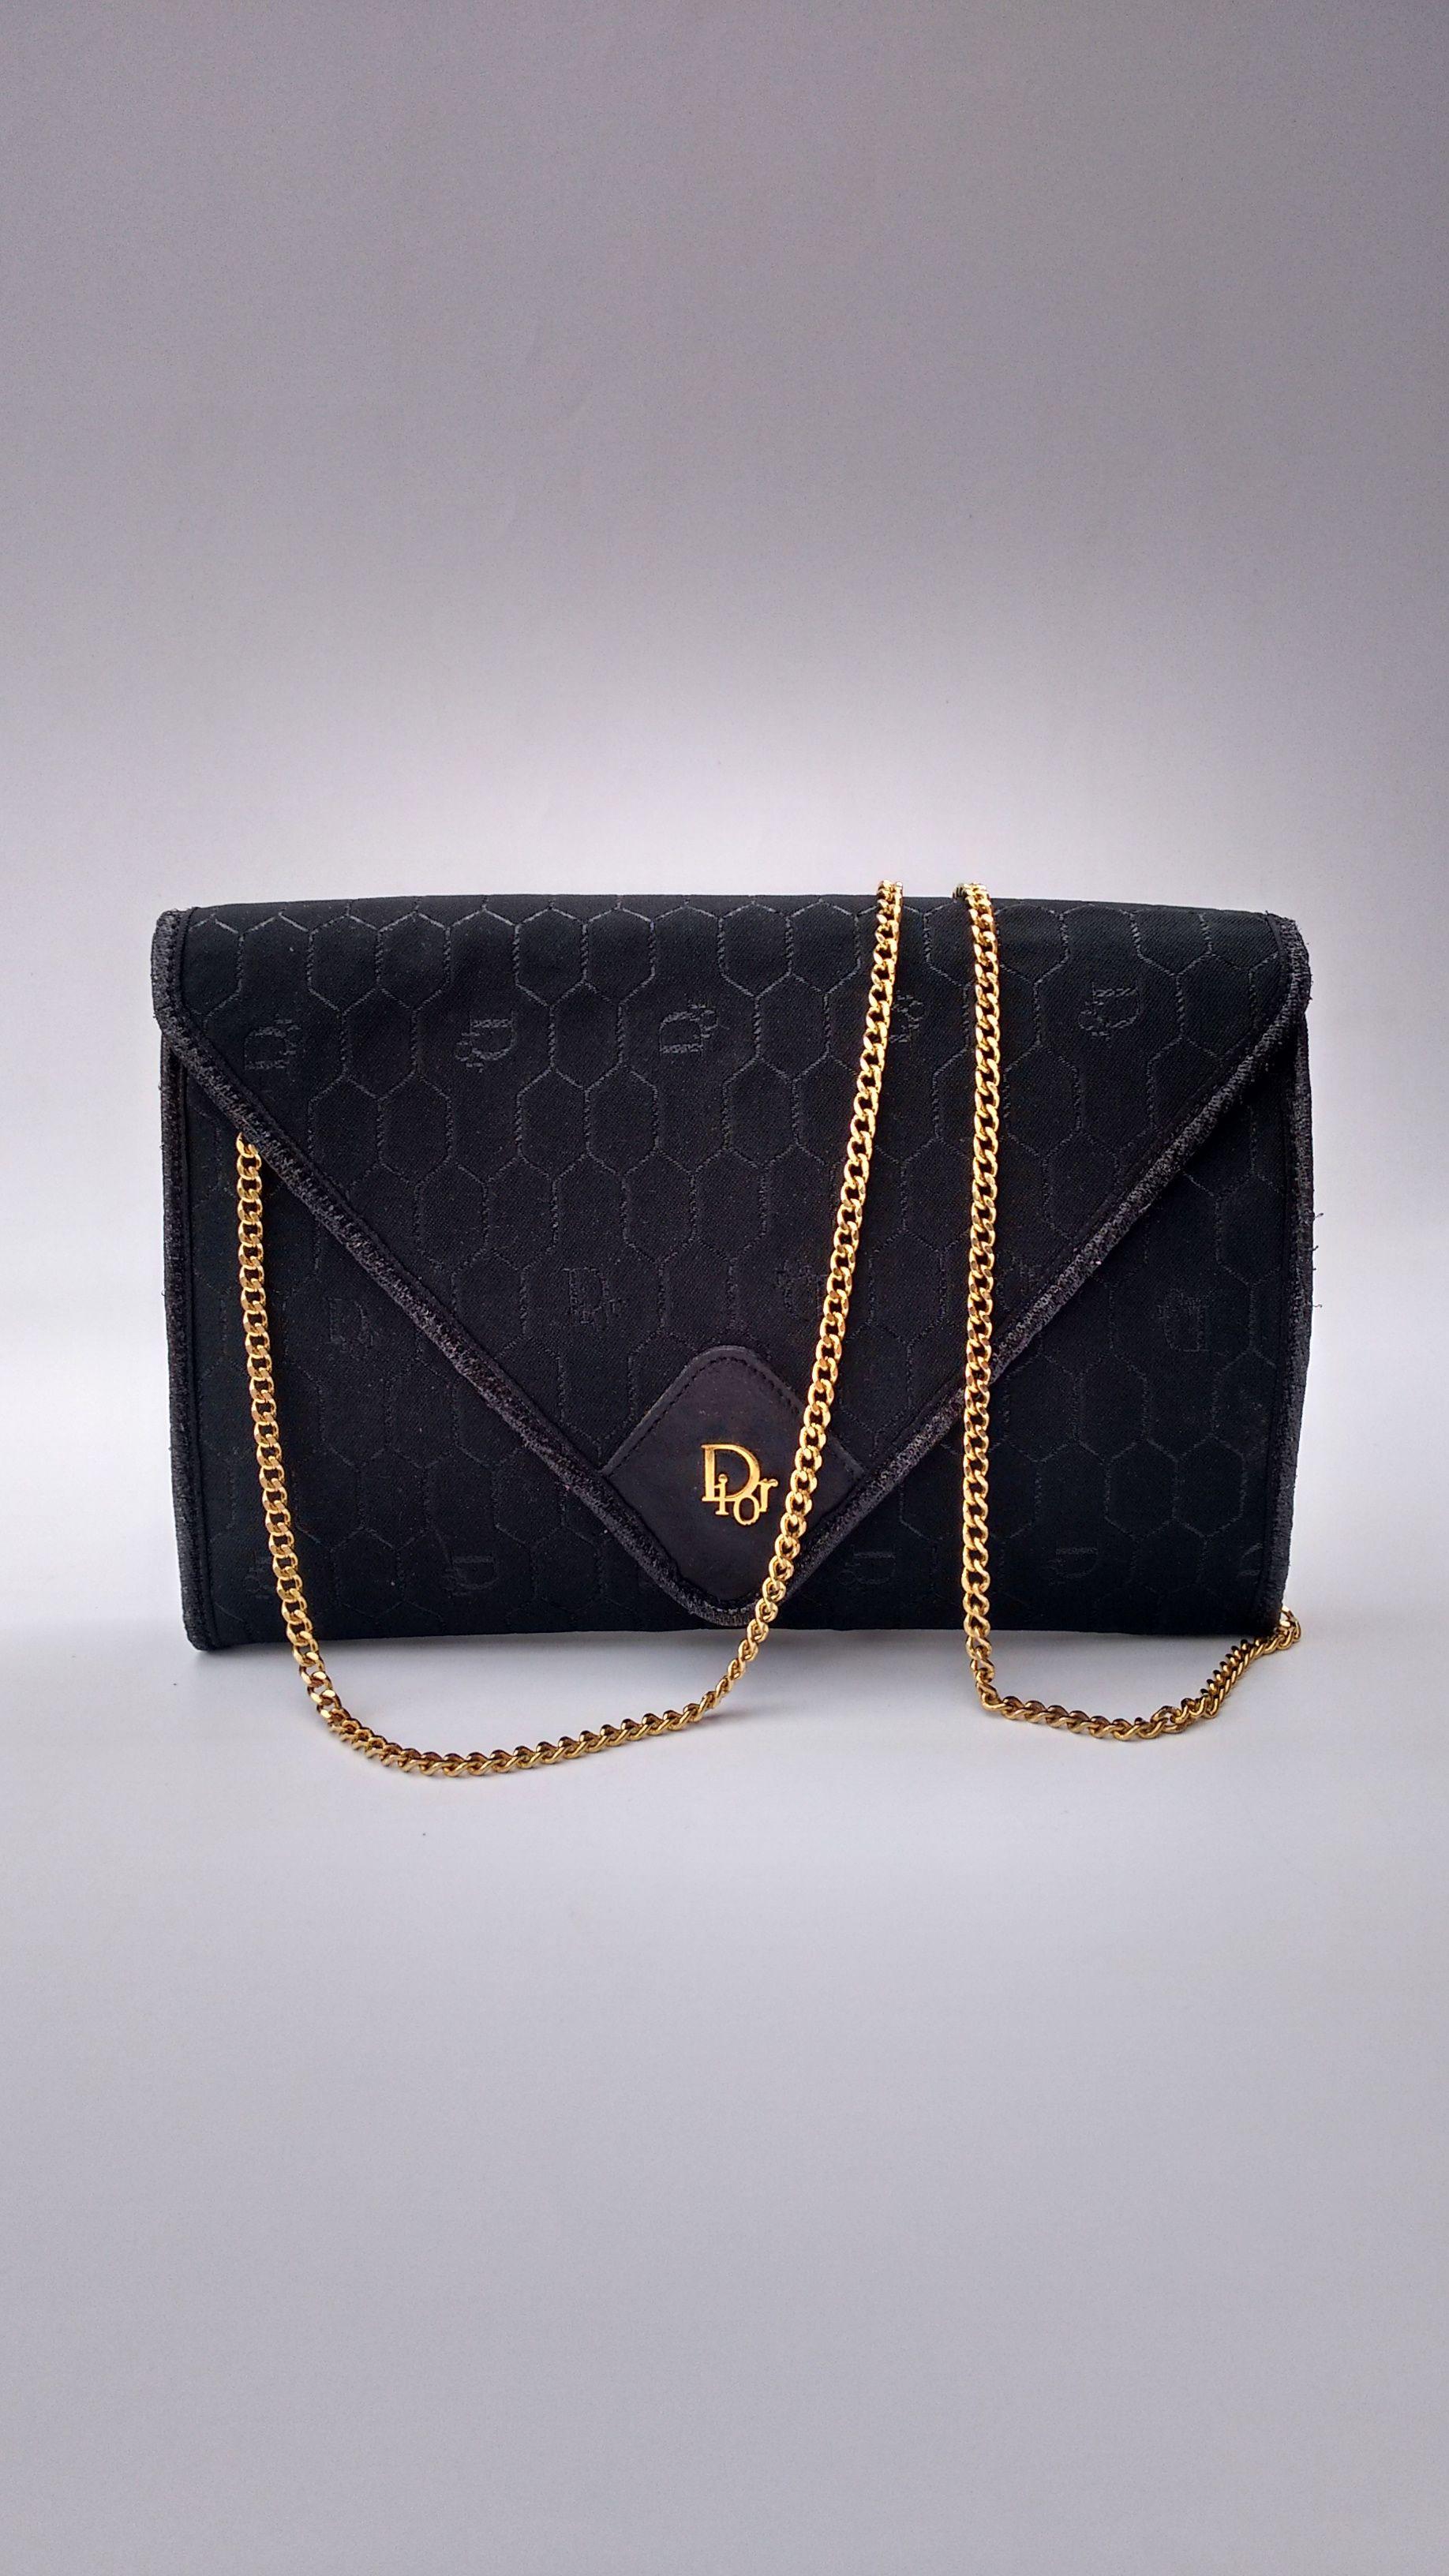 d8b254a6d3eb DIOR Christian Dior Vintage Black Monogrammed Shoulder   Crossbody Bag.  French designer purse.